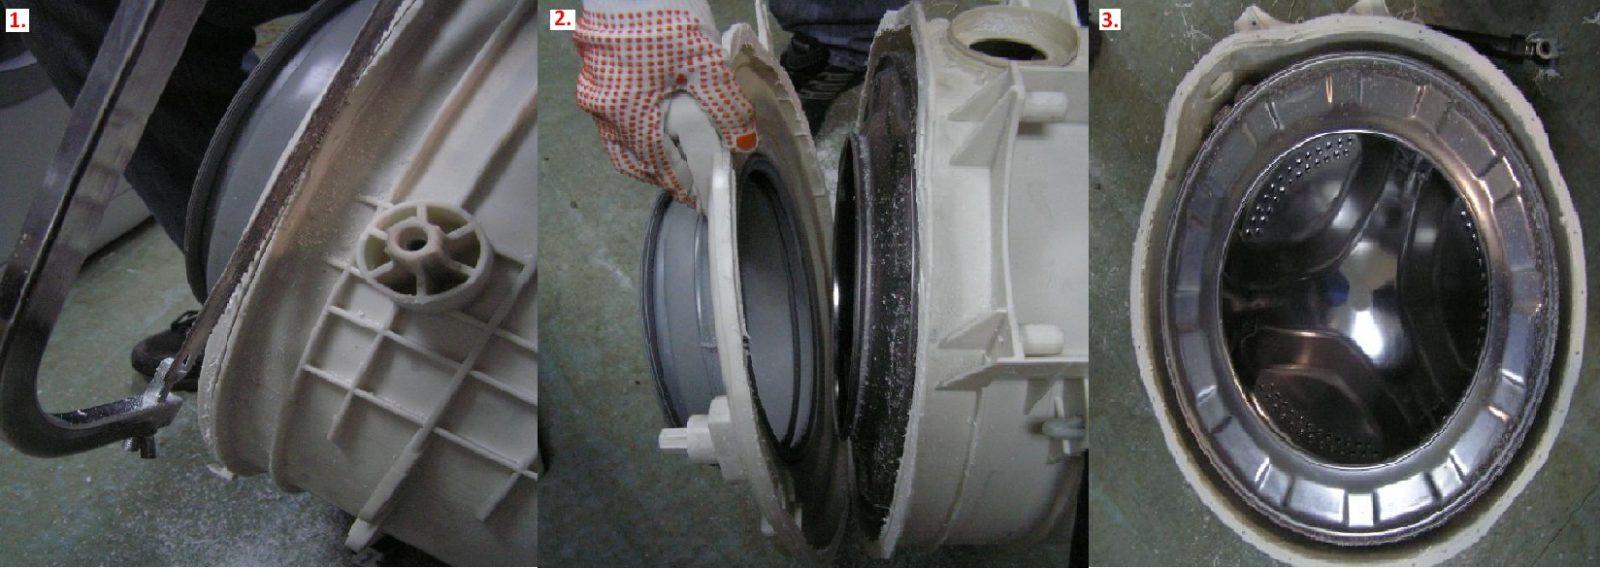 поломка бака стиральной машины